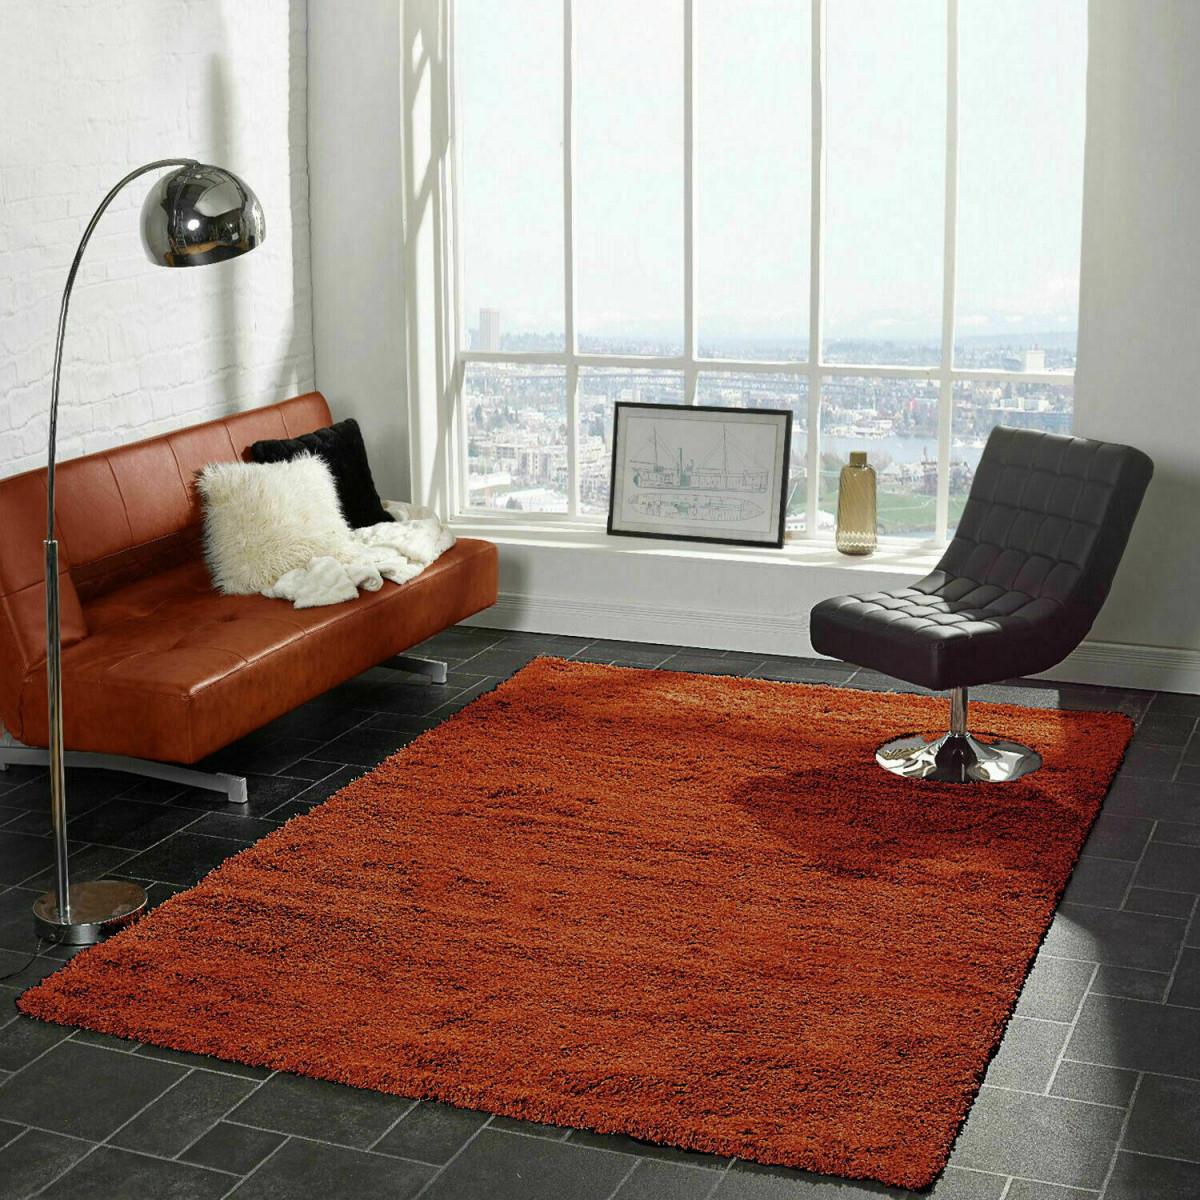 Wohnzimmer Teppich Rund Modern – Caseconrad von Wohnzimmer Teppich Rund Photo